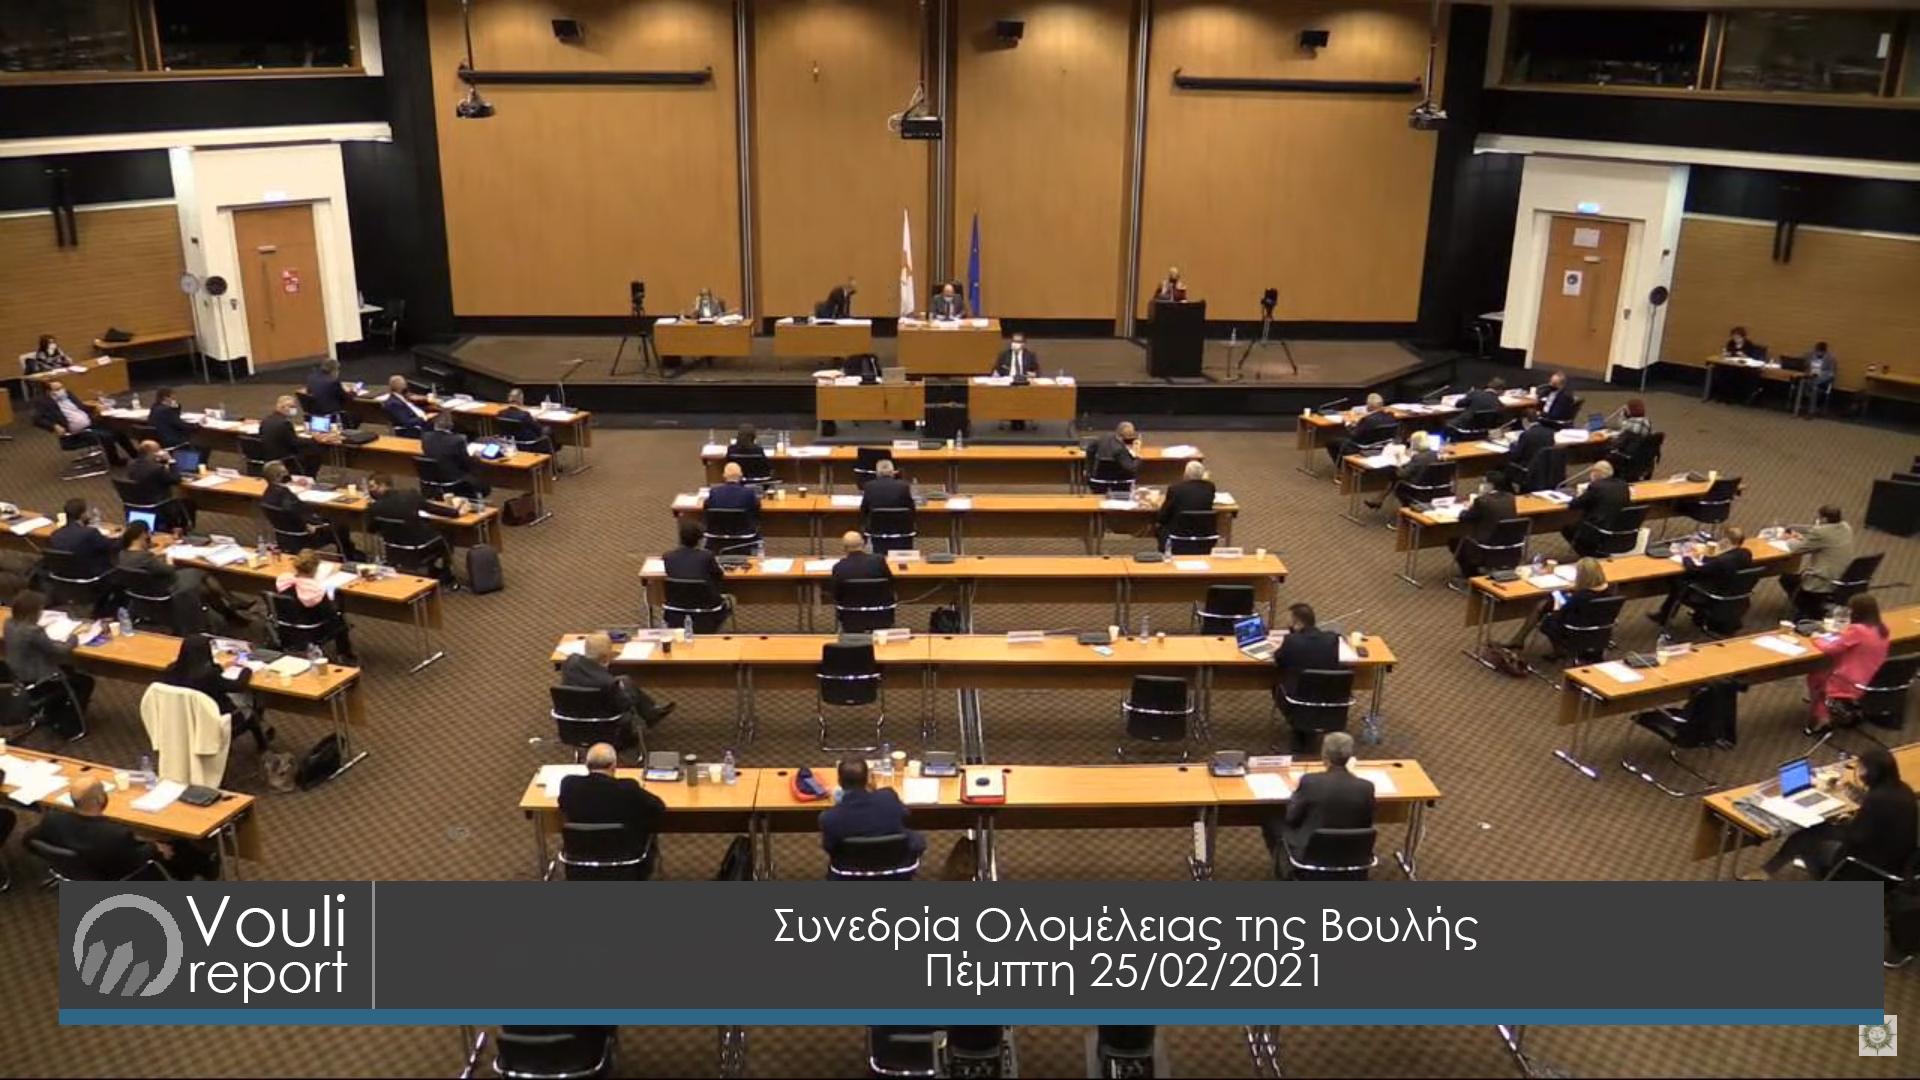 Συνεδρία Ολομέλειας της Βουλής - 25/02/2021